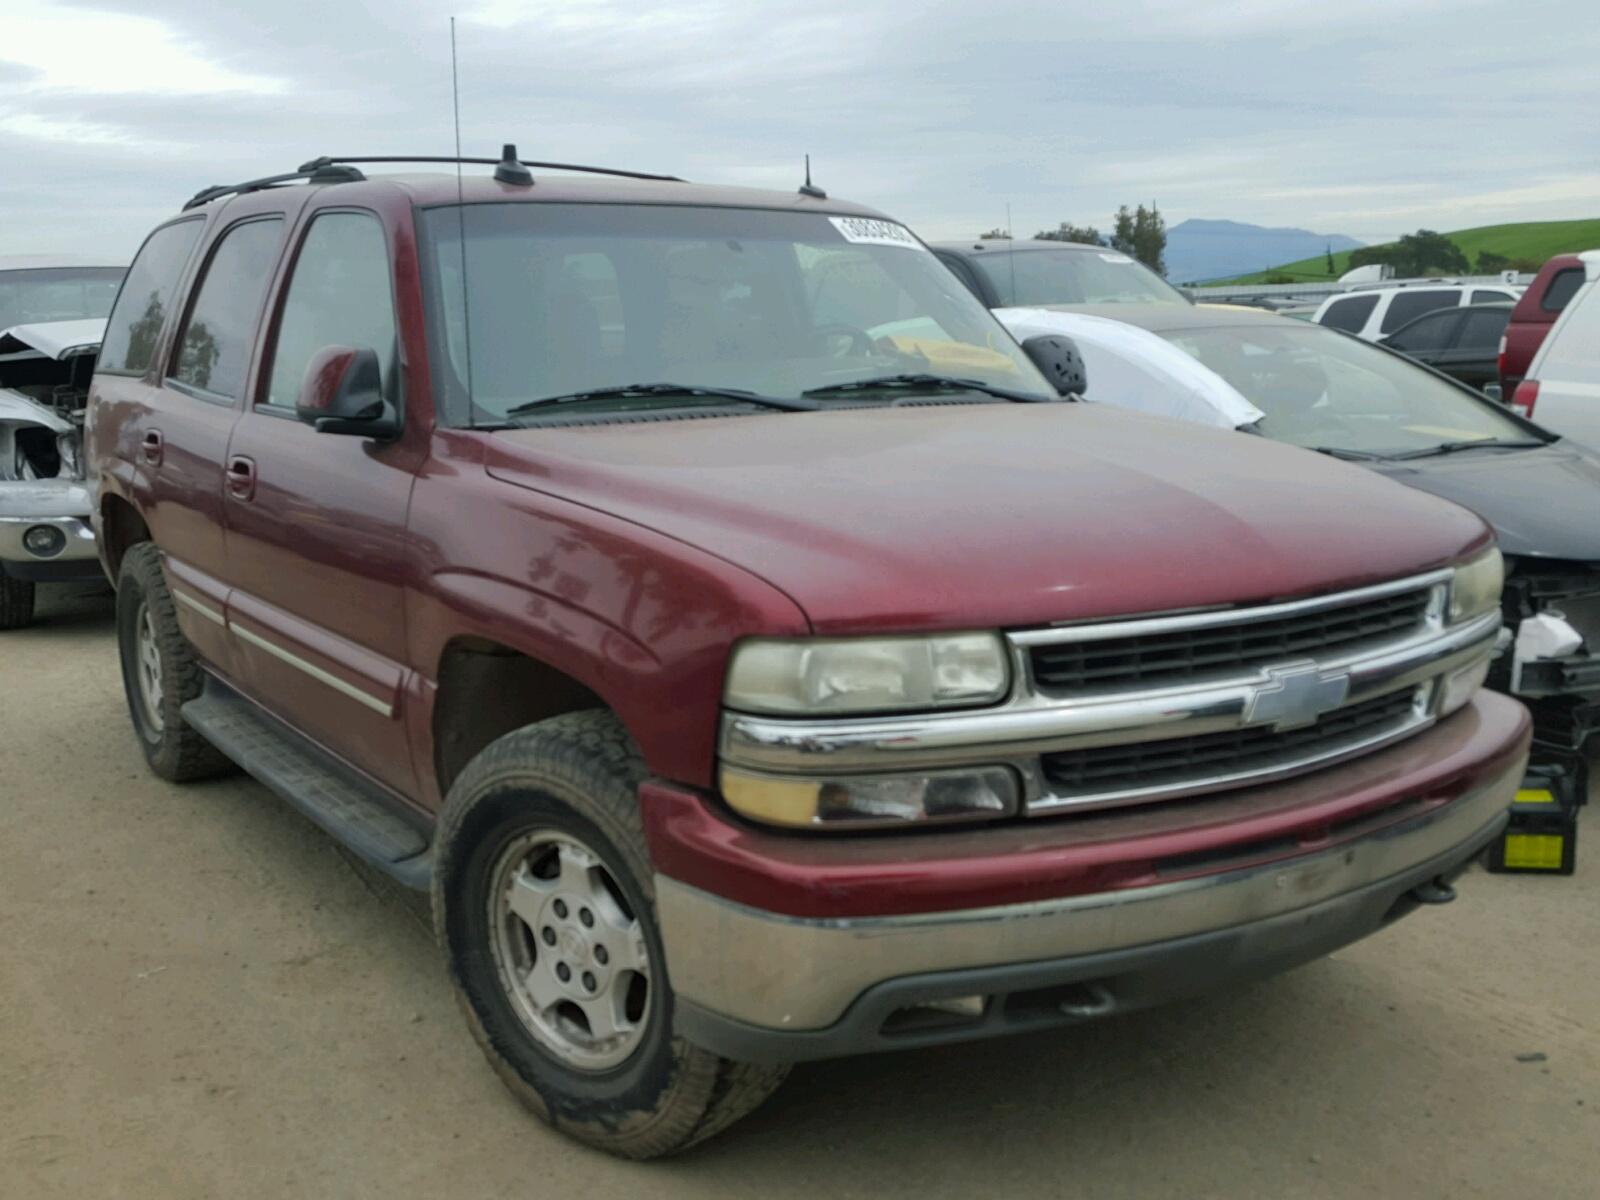 Auto Auction Ended on VIN 1GNEK13T53R 2003 CHEVROLET TAHOE